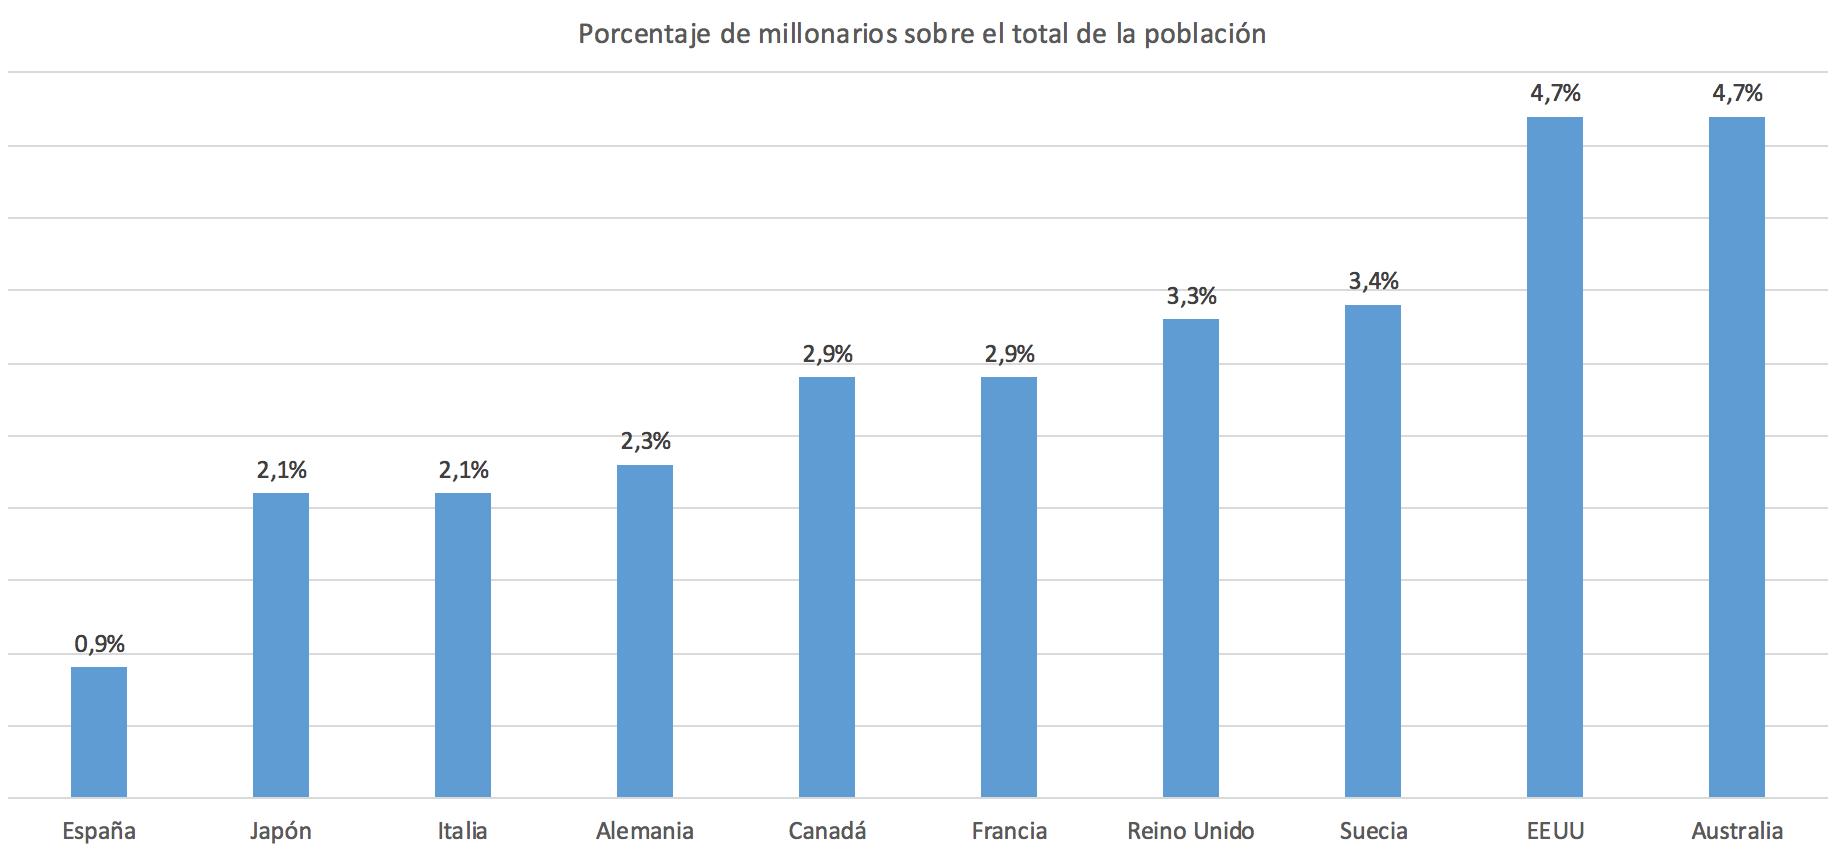 A-Porcentaje-millonarios.png